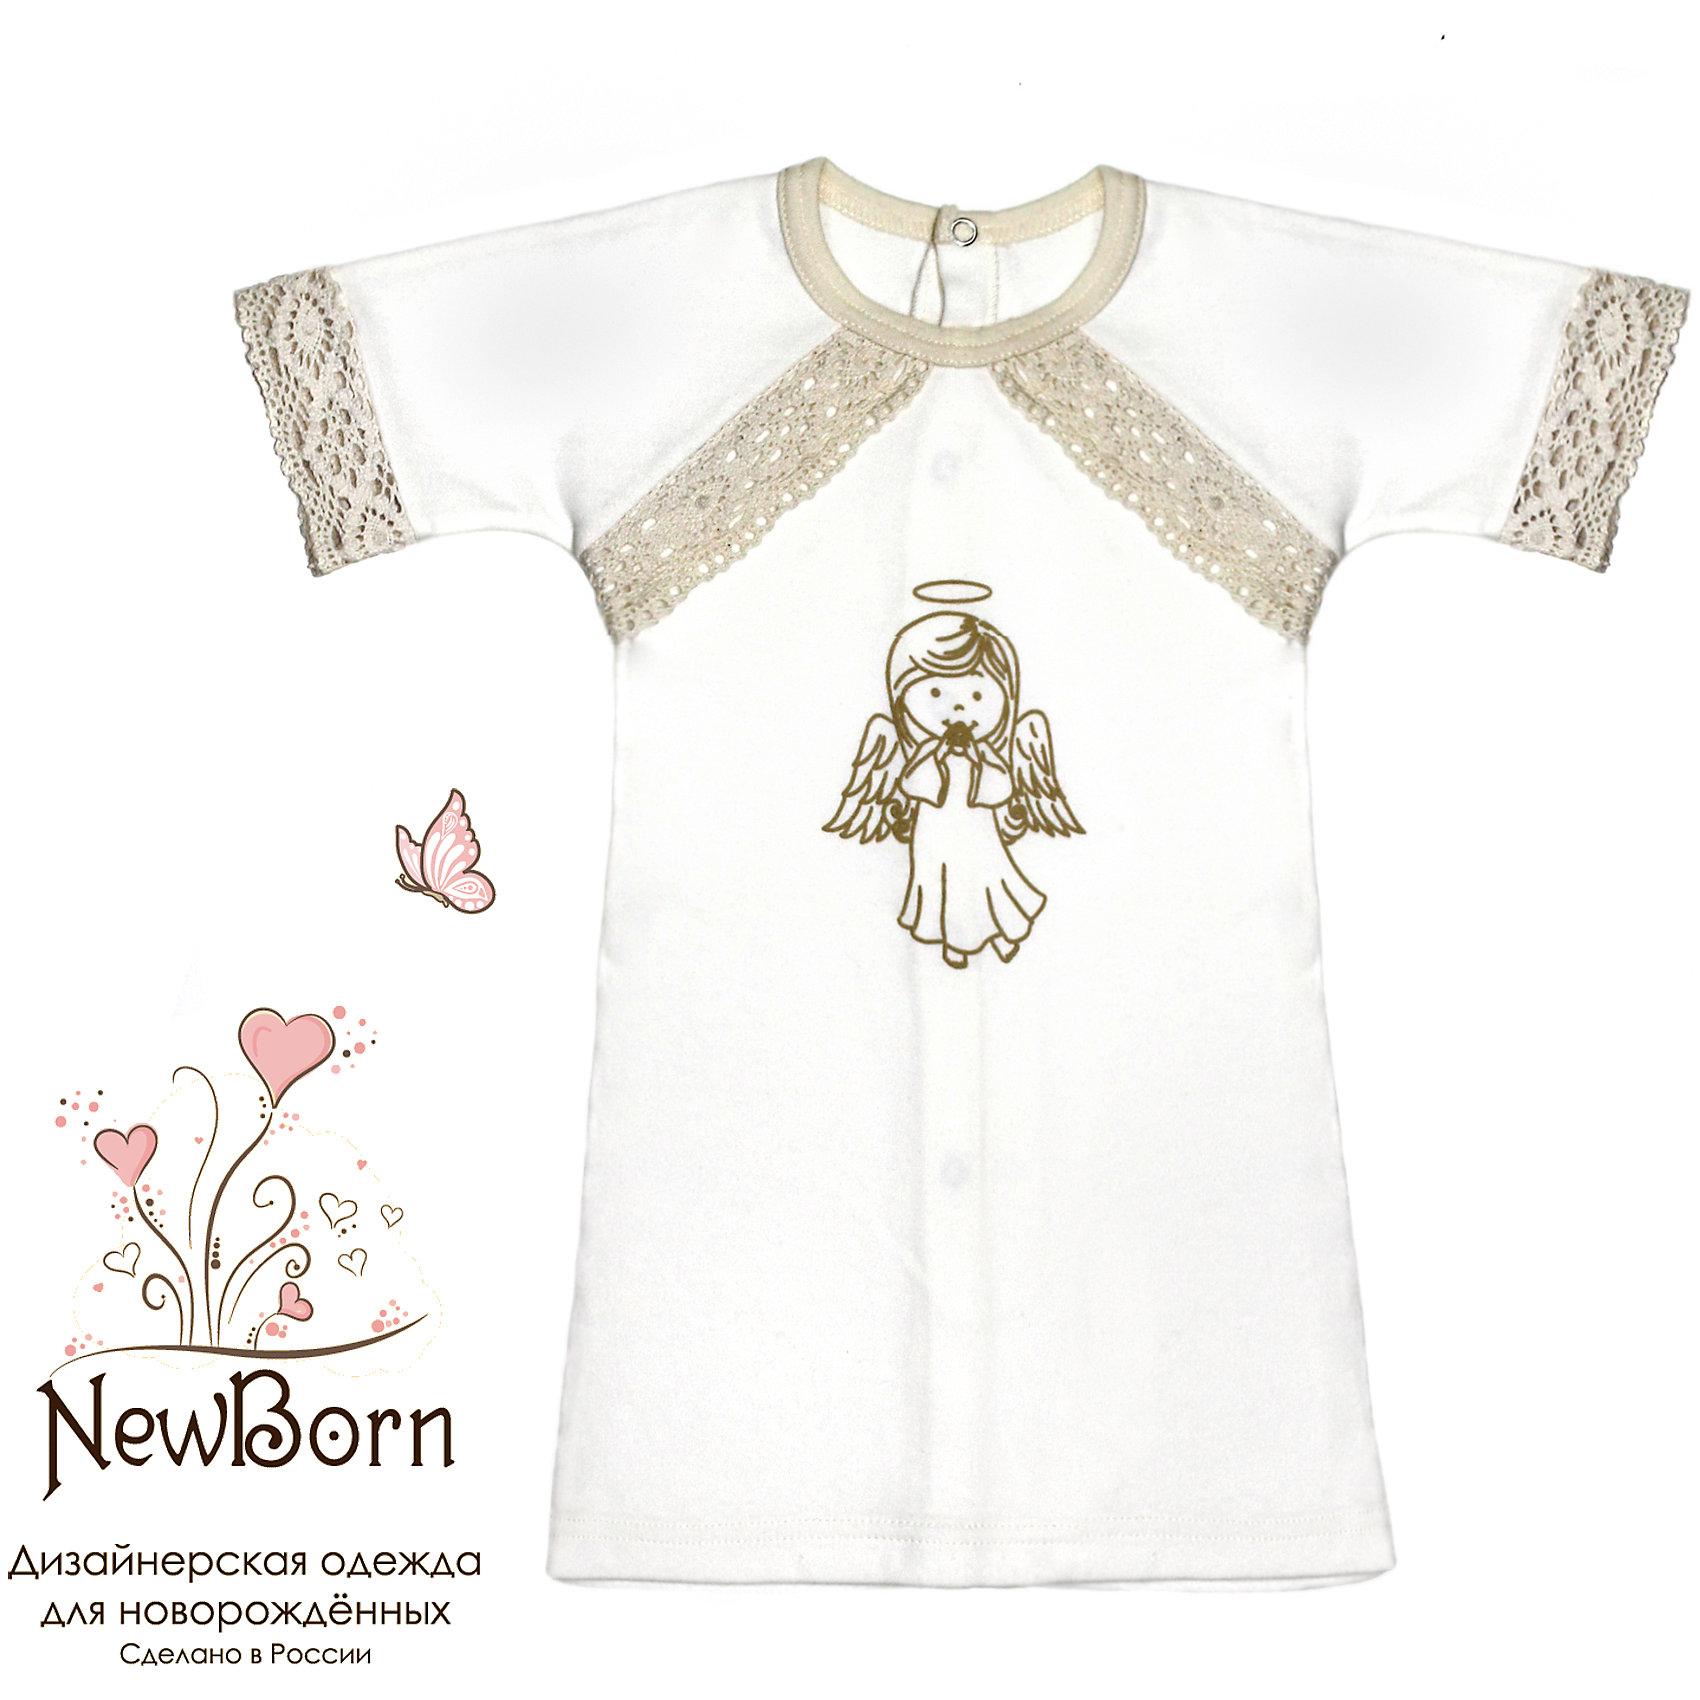 Крестильная рубашка с тесьмой, р-р 80, NewBorn, белыйПлатья<br>Характеристики:<br><br>• Вид детской одежды: рубашка<br>• Предназначение: для крещения<br>• Коллекция: NewBorn<br>• Сезон: круглый год<br>• Пол: для мальчика<br>• Тематика рисунка: ангелы<br>• Размер: 80<br>• Цвет: белый, золотистый<br>• Материал: трикотаж, хлопок<br>• Длина рукава: короткие<br>• Застежка: сзади на кнопке<br>• Декорирована широкой тесьмой золотистого цвета<br>• Передняя полочка украшена термонаклейкой в виде ангела и тесьмой<br>• Особенности ухода: допускается деликатная стирка без использования красящих и отбеливающих средств<br><br>Крестильная рубашка с тесьмой, р-р 80, NewBorn, белый из коллекции NewBorn от отечественного швейного производства ТексПром предназначено для создания праздничного образа мальчика во время торжественного обряда крещения. Рубашка представлена в коллекции NewBorn, которая сочетает в себе классические и современные тенденции в мире моды для новорожденных, при этом при технологии изготовления детской одежды сохраняются самые лучшие традиции: свободный крой, внешние швы и натуральные ткани. Рубашка с короткими рукавами и круглой горловиной, обработанной бейкой из трикотажа золотистого цвета. Застежка на кнопках предусмотрена на спинке, что обеспечивает ее легкое одевание. Праздничный образ создается за счет отделки рукавов, и передней полочки широким кружевом золотистого цвета и термонаклейки в виде ангела. <br><br>Крестильную рубашку с тесьмой, р-р 80, NewBorn, белый можно купить в нашем интернет-магазине.<br><br>Ширина мм: 220<br>Глубина мм: 5<br>Высота мм: 400<br>Вес г: 200<br>Возраст от месяцев: 9<br>Возраст до месяцев: 12<br>Пол: Унисекс<br>Возраст: Детский<br>SKU: 4912513